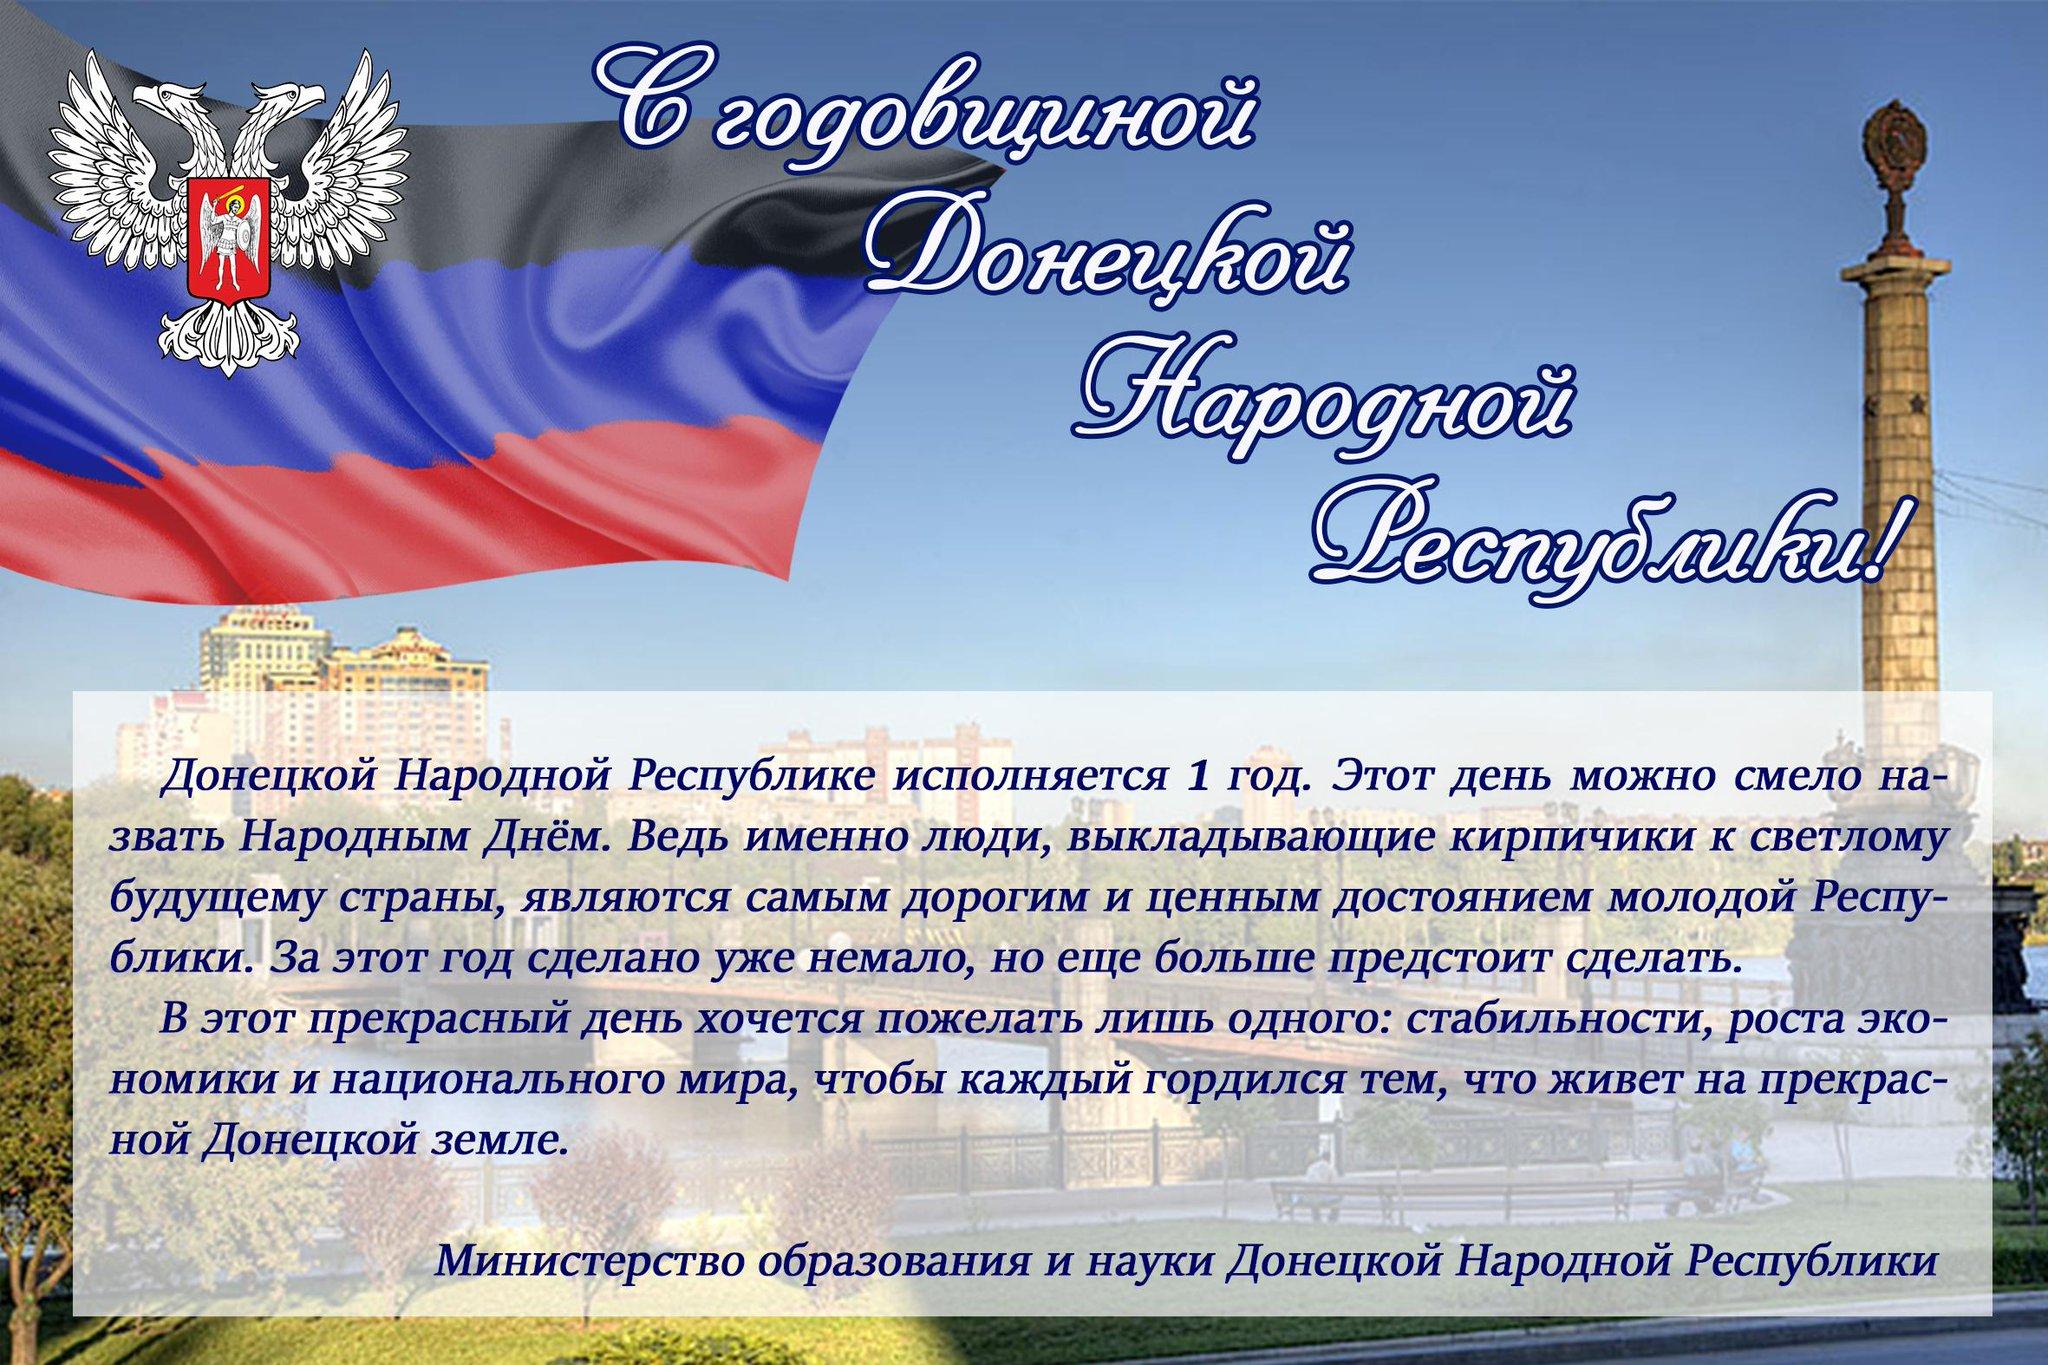 Поздравления и открытки с Днем работника прокуратуры 81